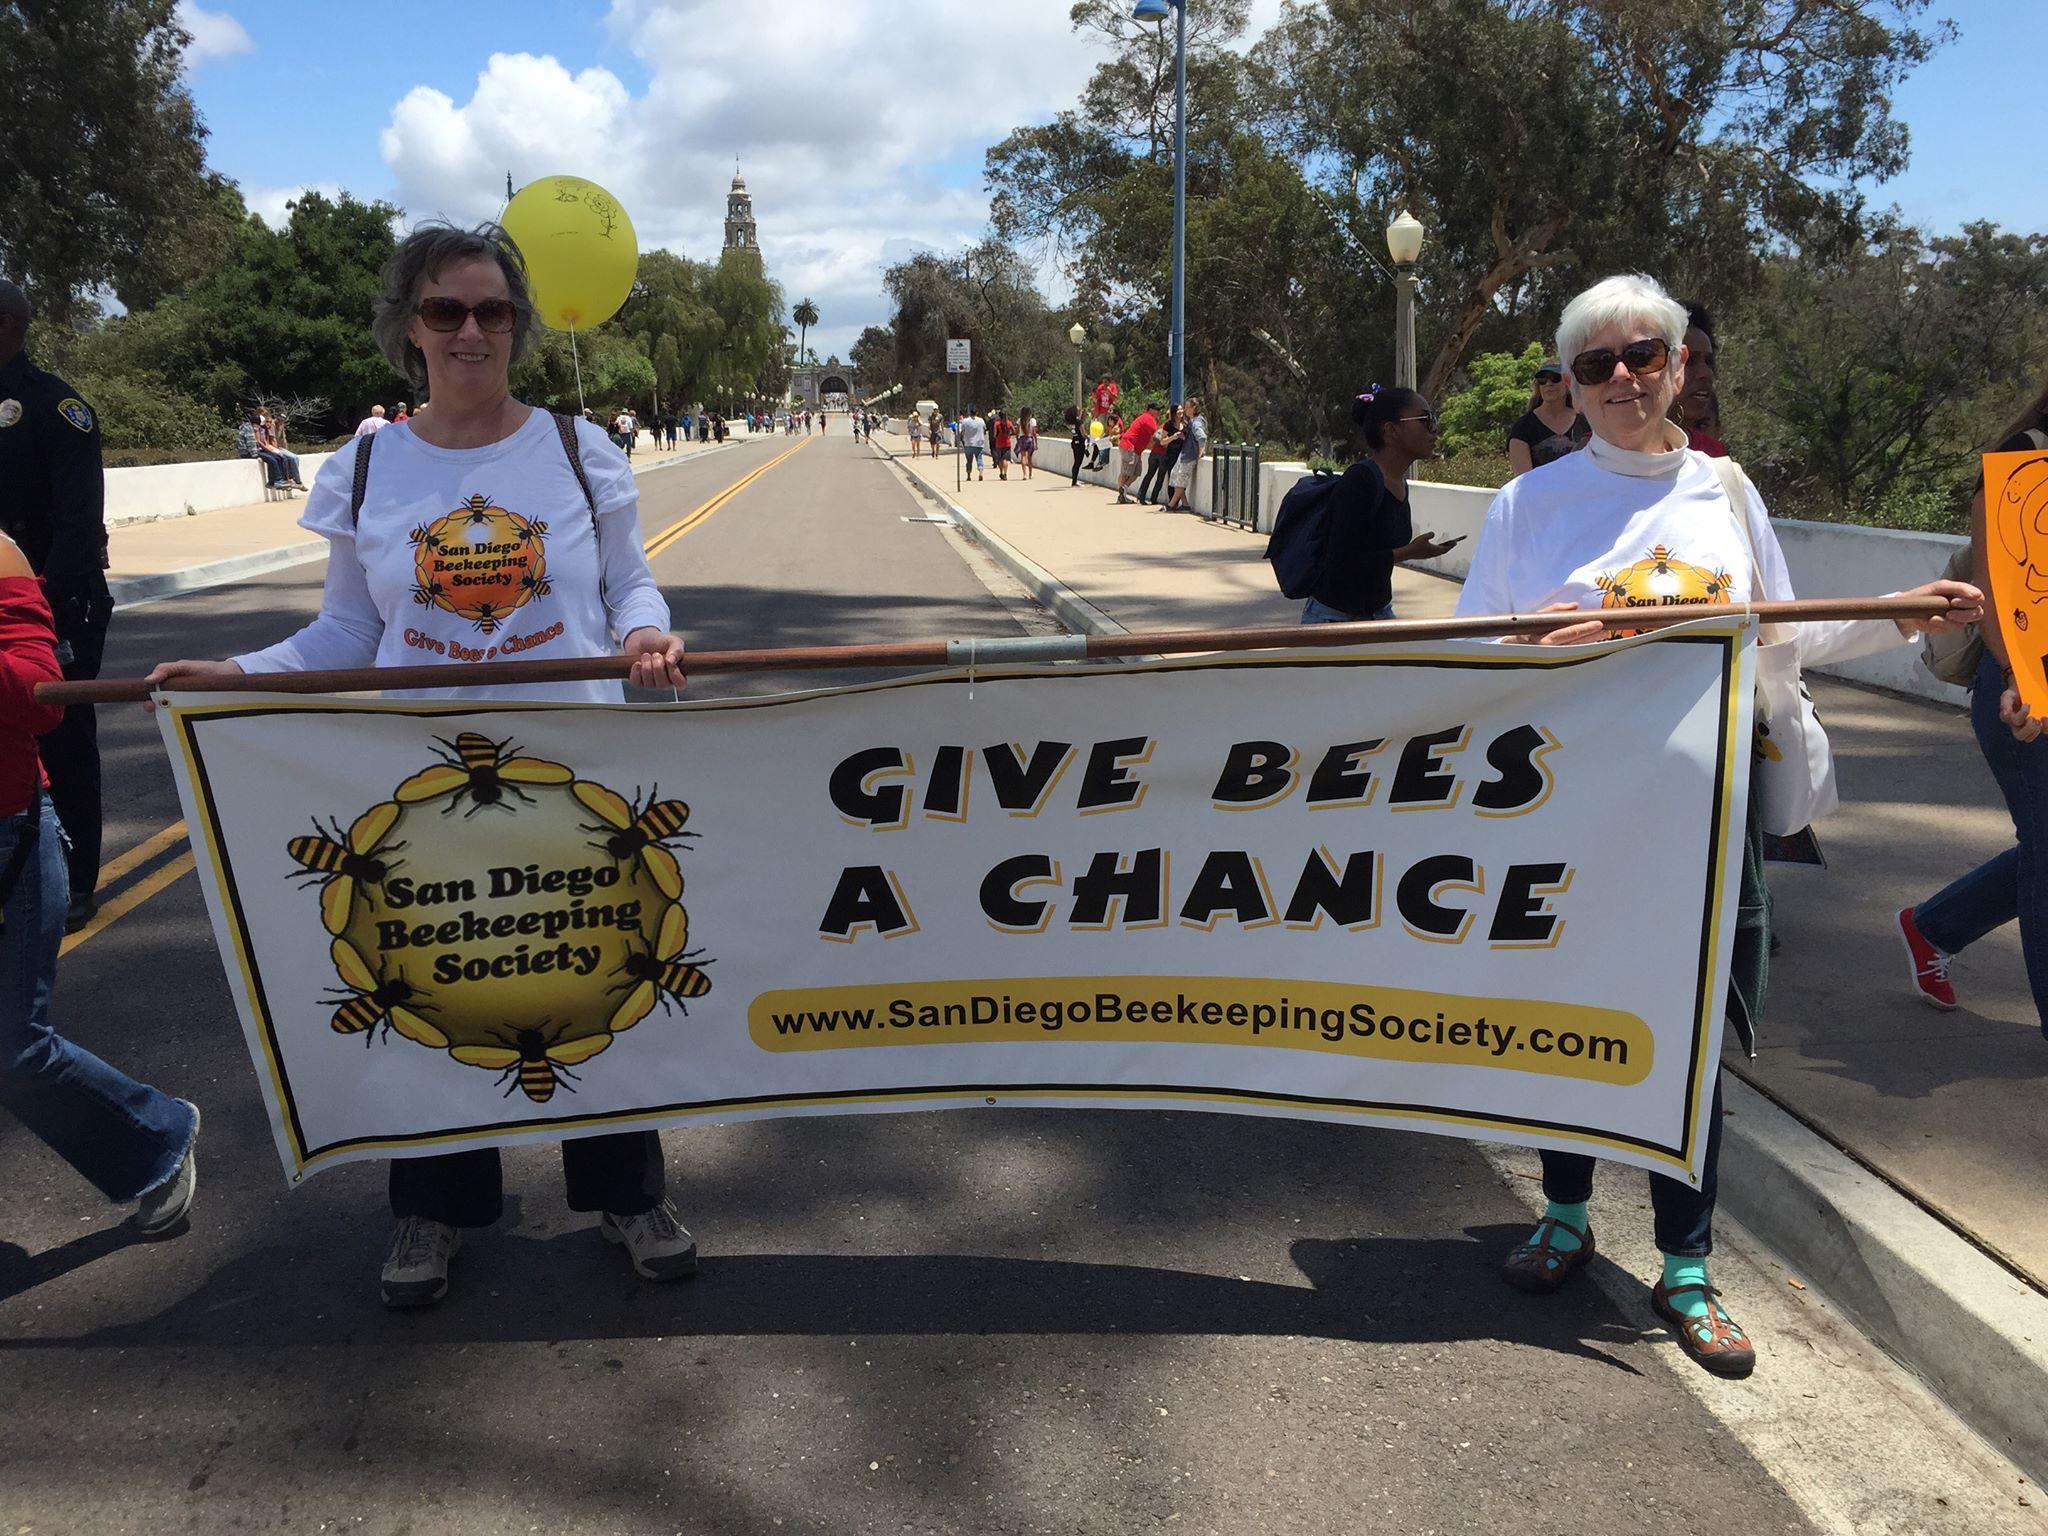 San Diego Beekeeping Society